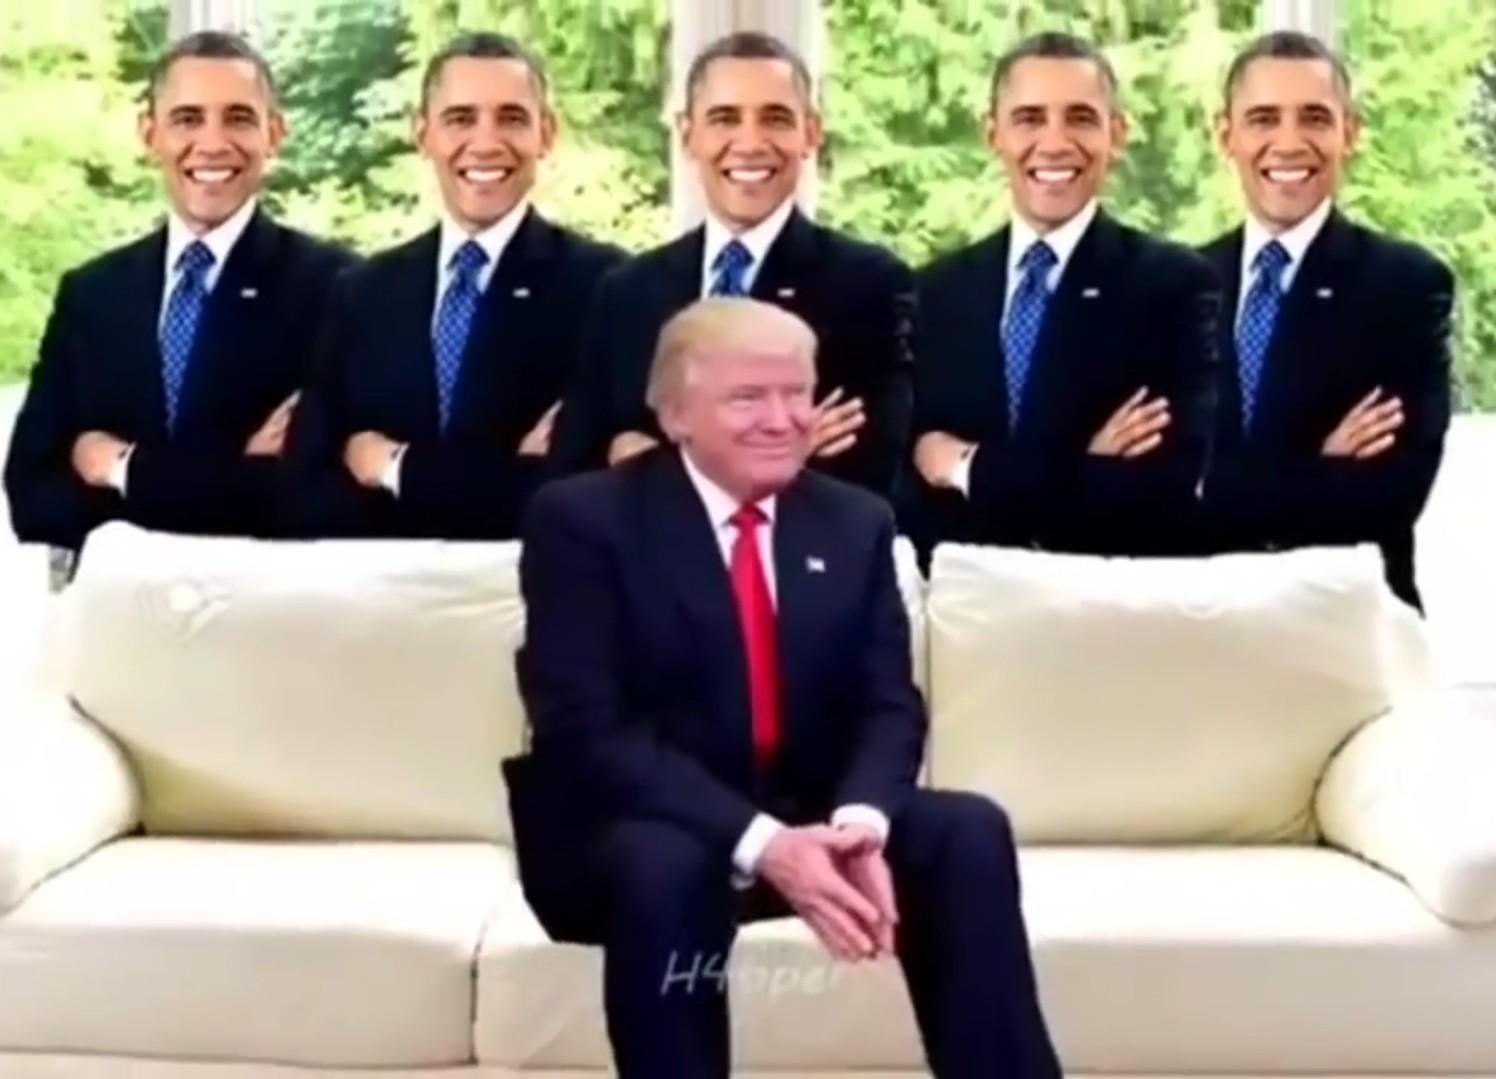 O muro do cu vai cair - meme